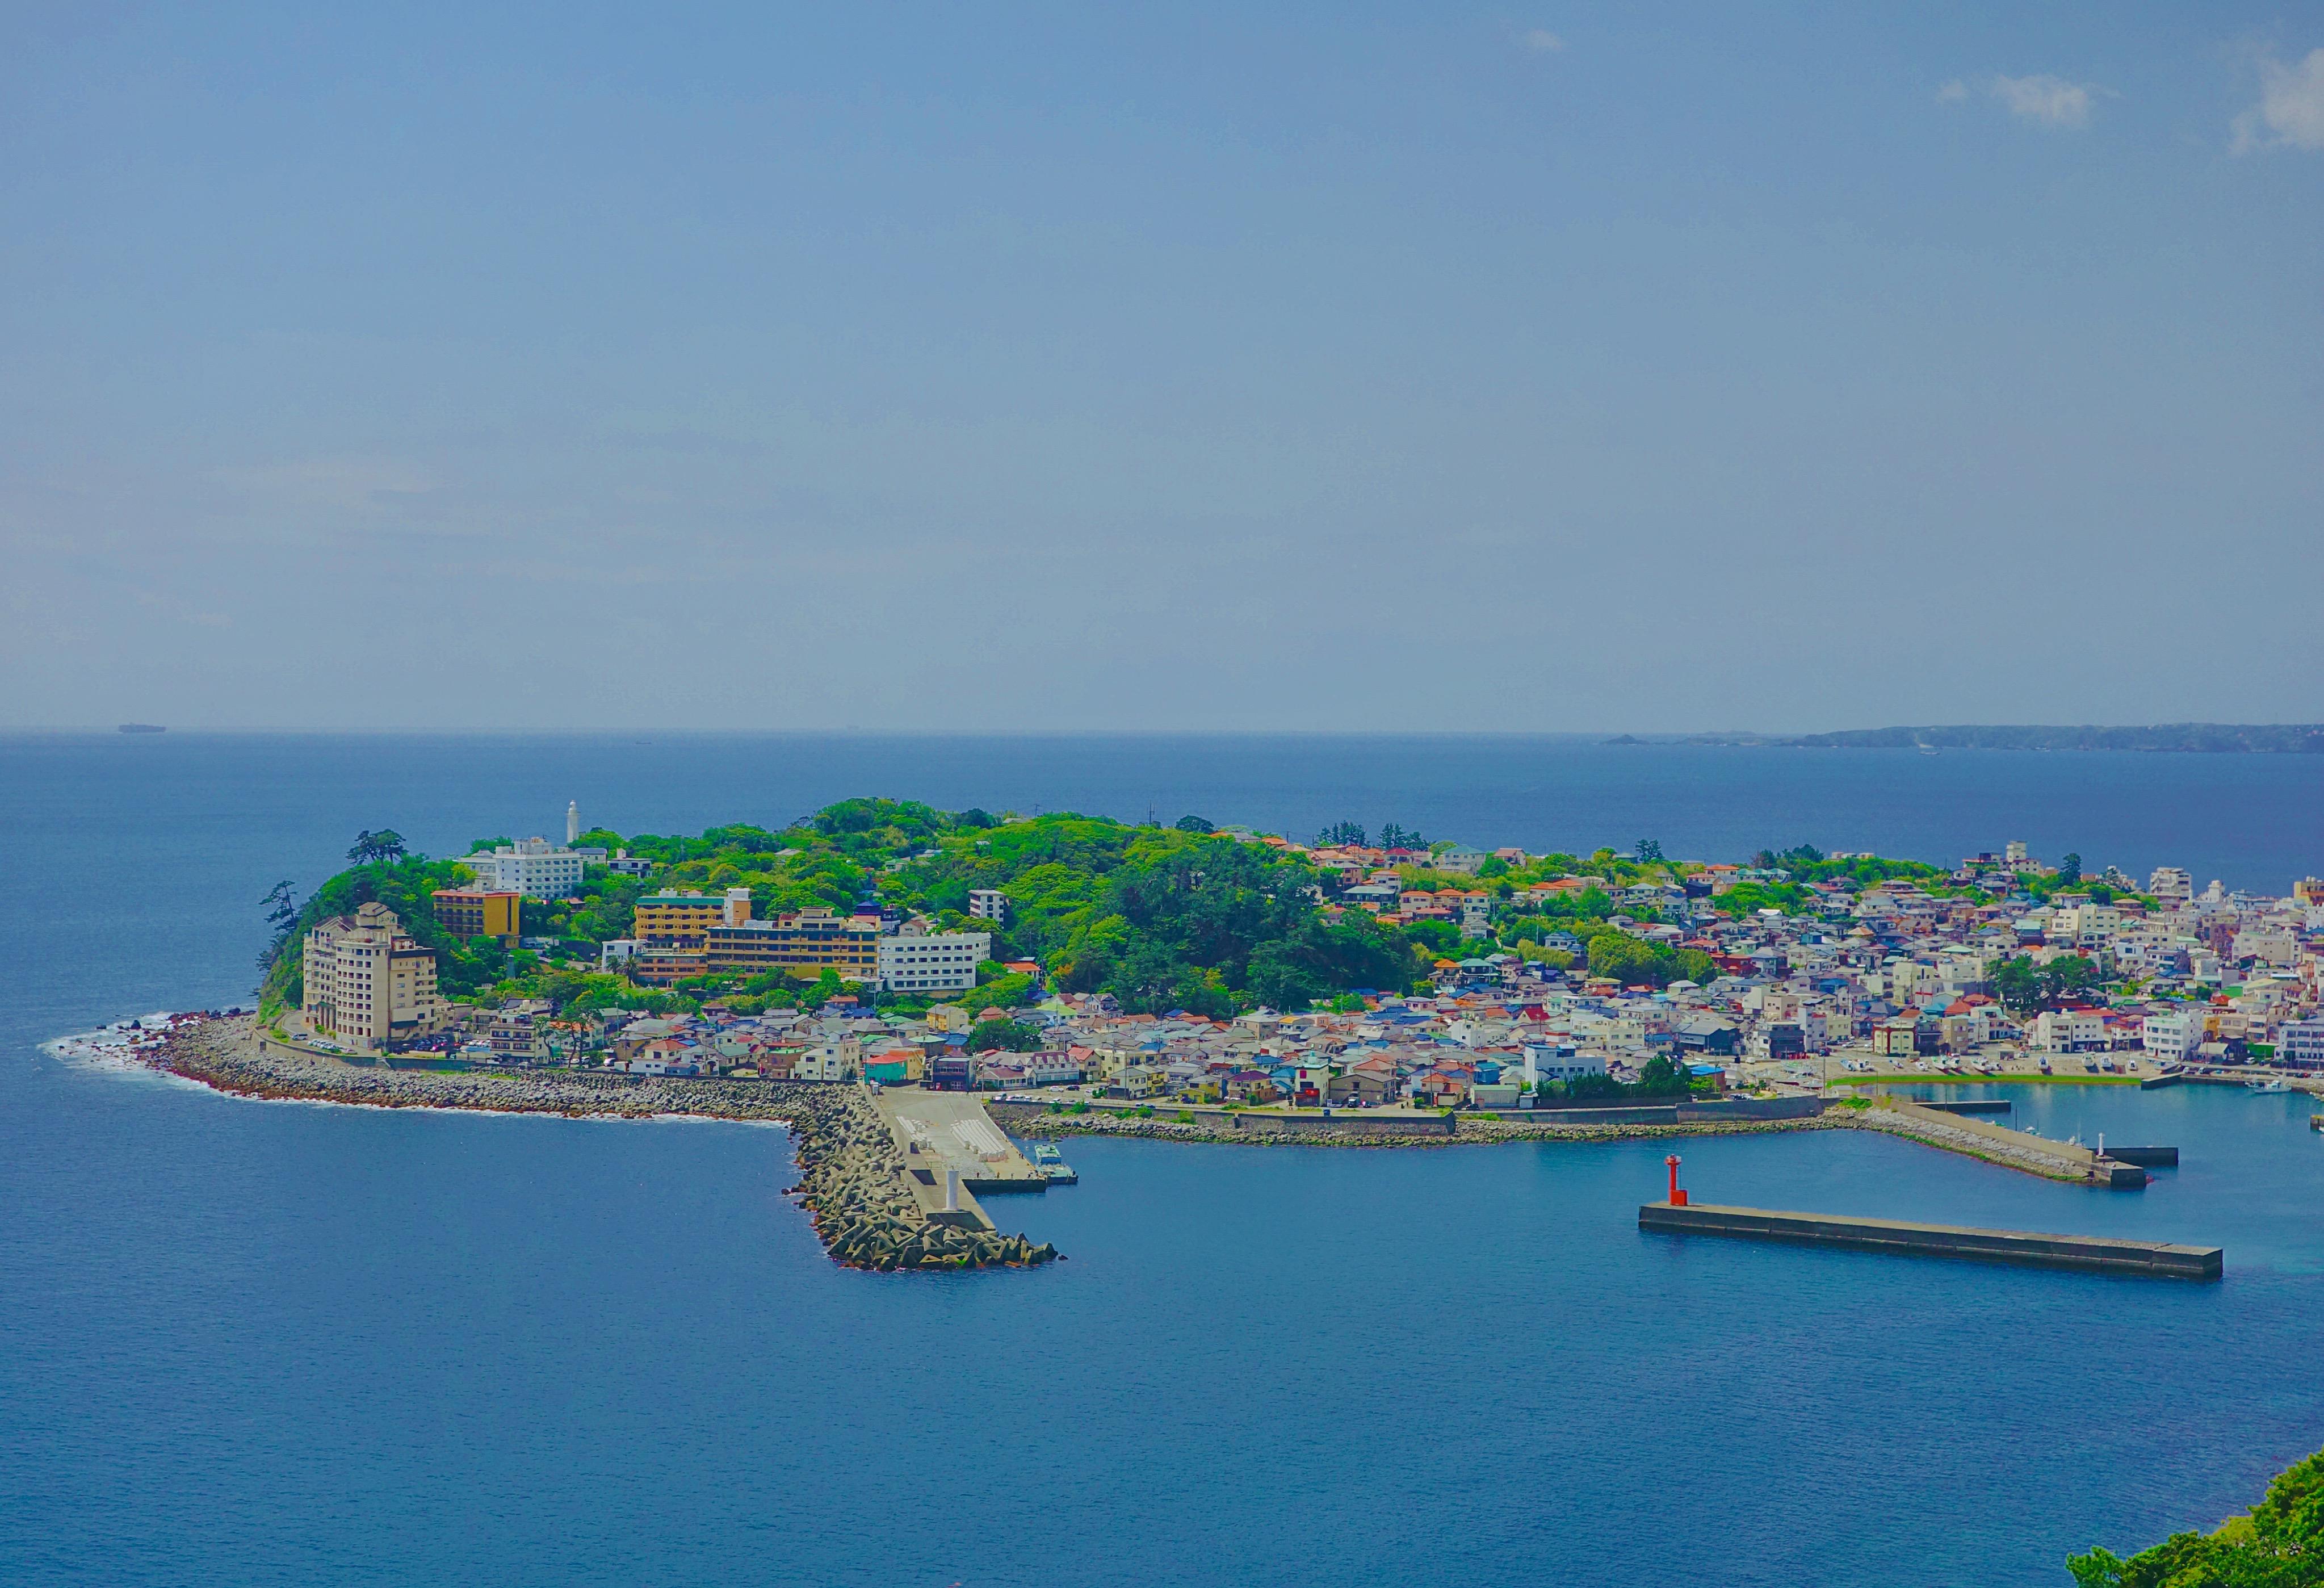 ジブリな世界感が味わえる稲取漁港の風景